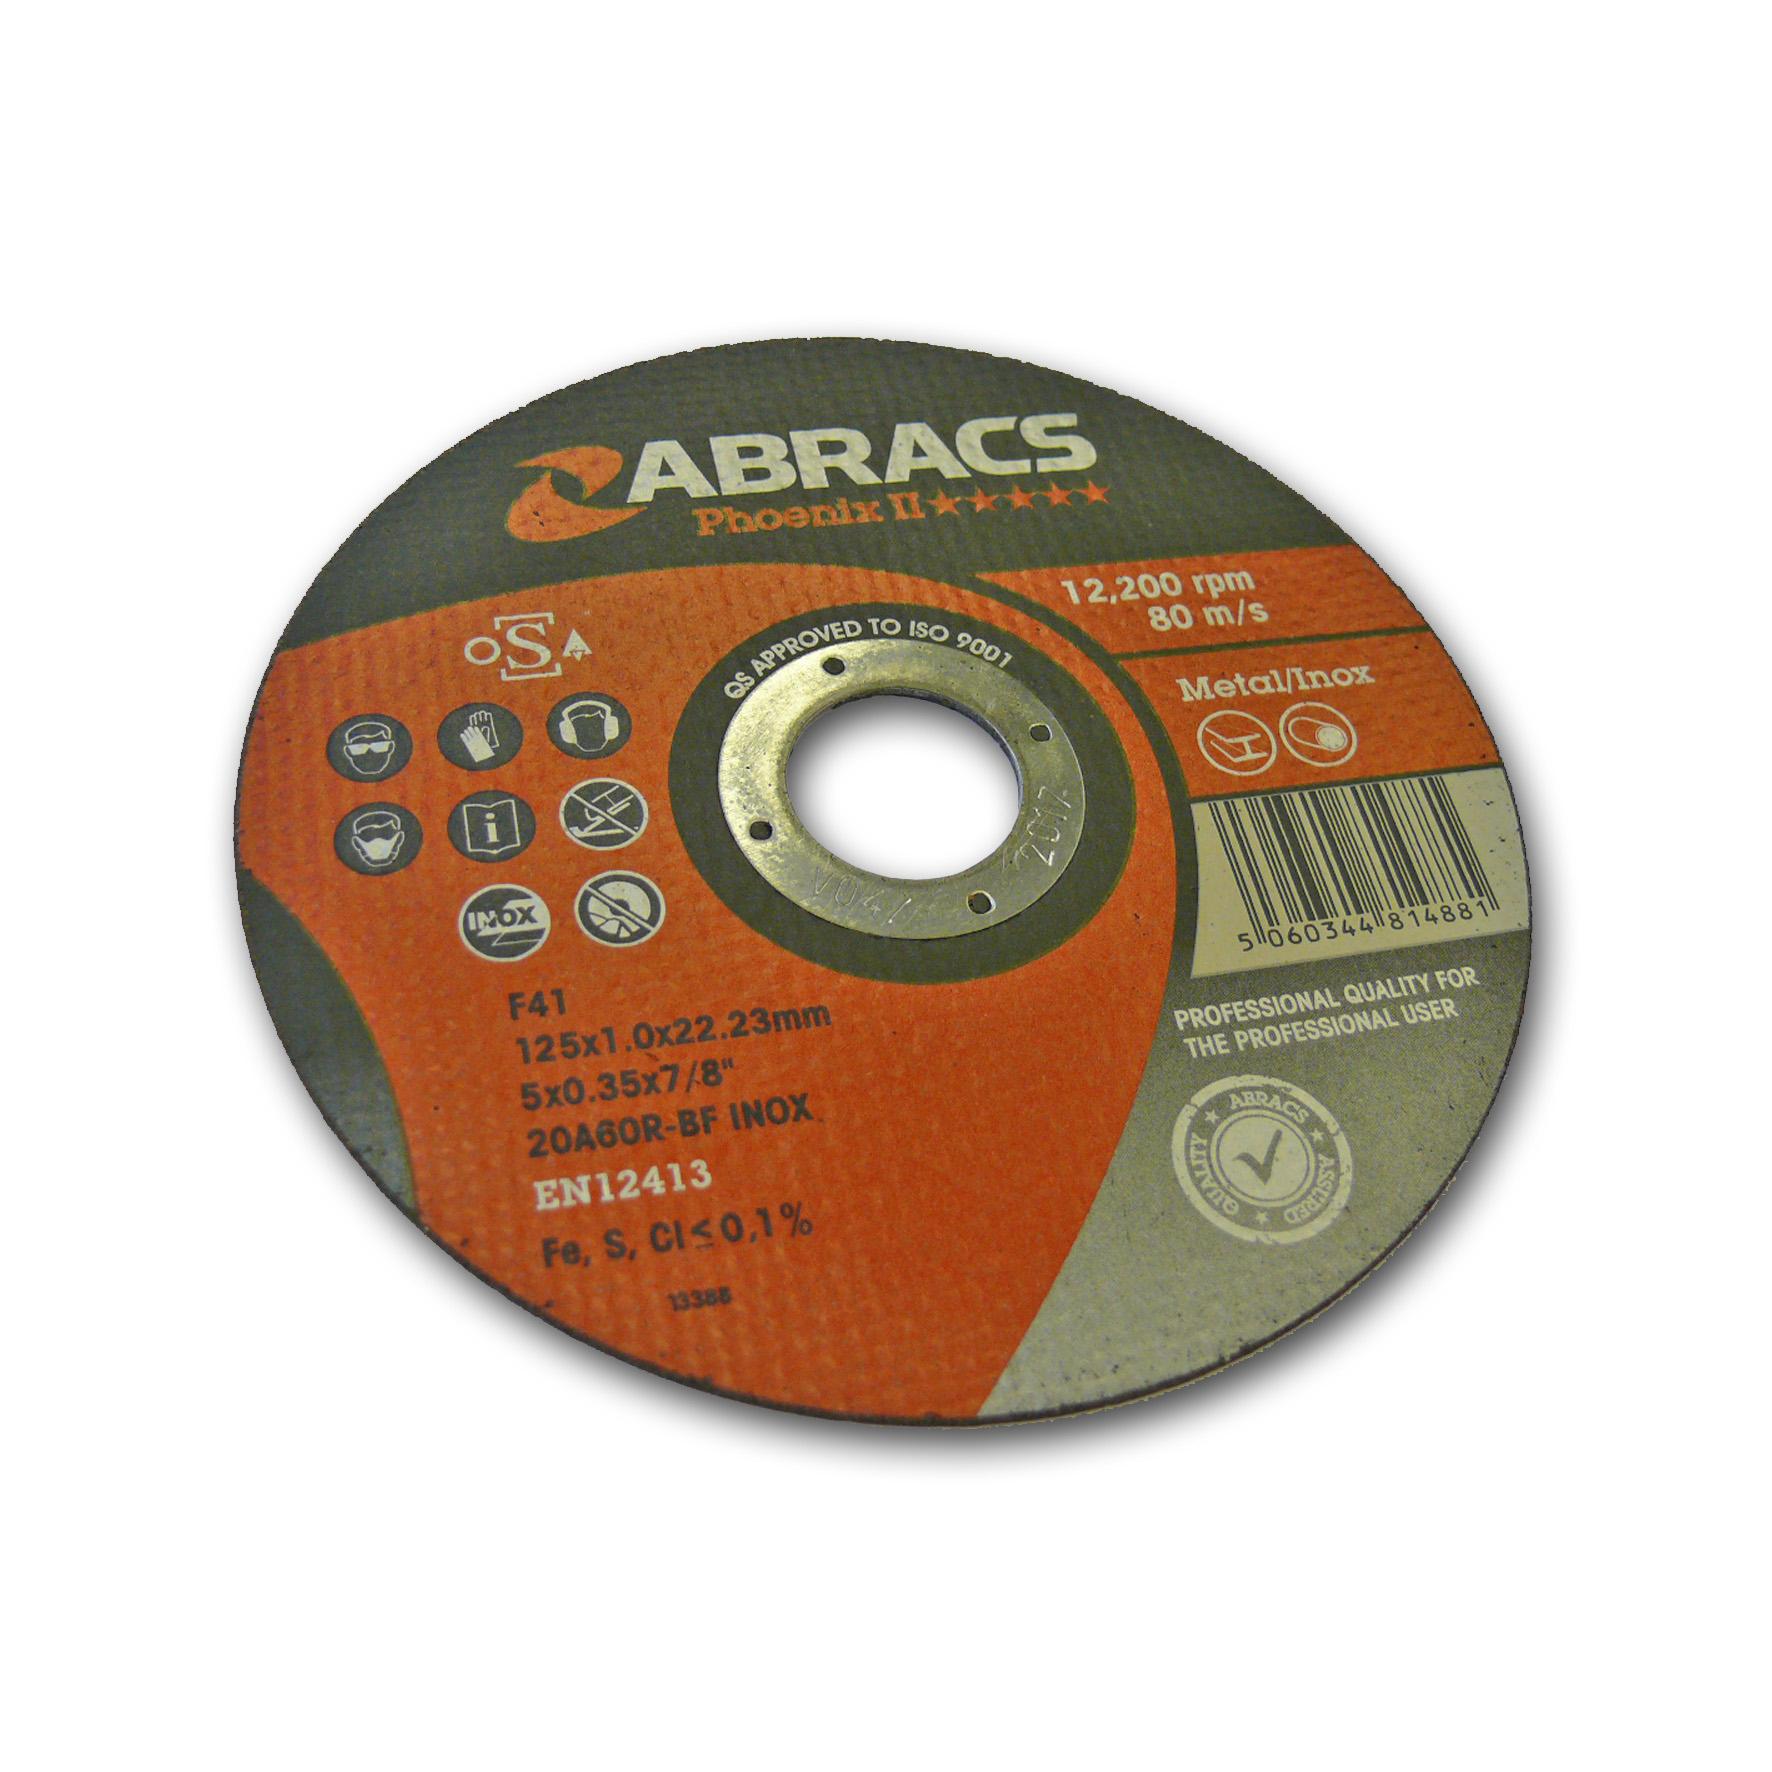 Abracs diskas metalo atpjovimui 125x1.0x22.23mm Phoenix II Abracs